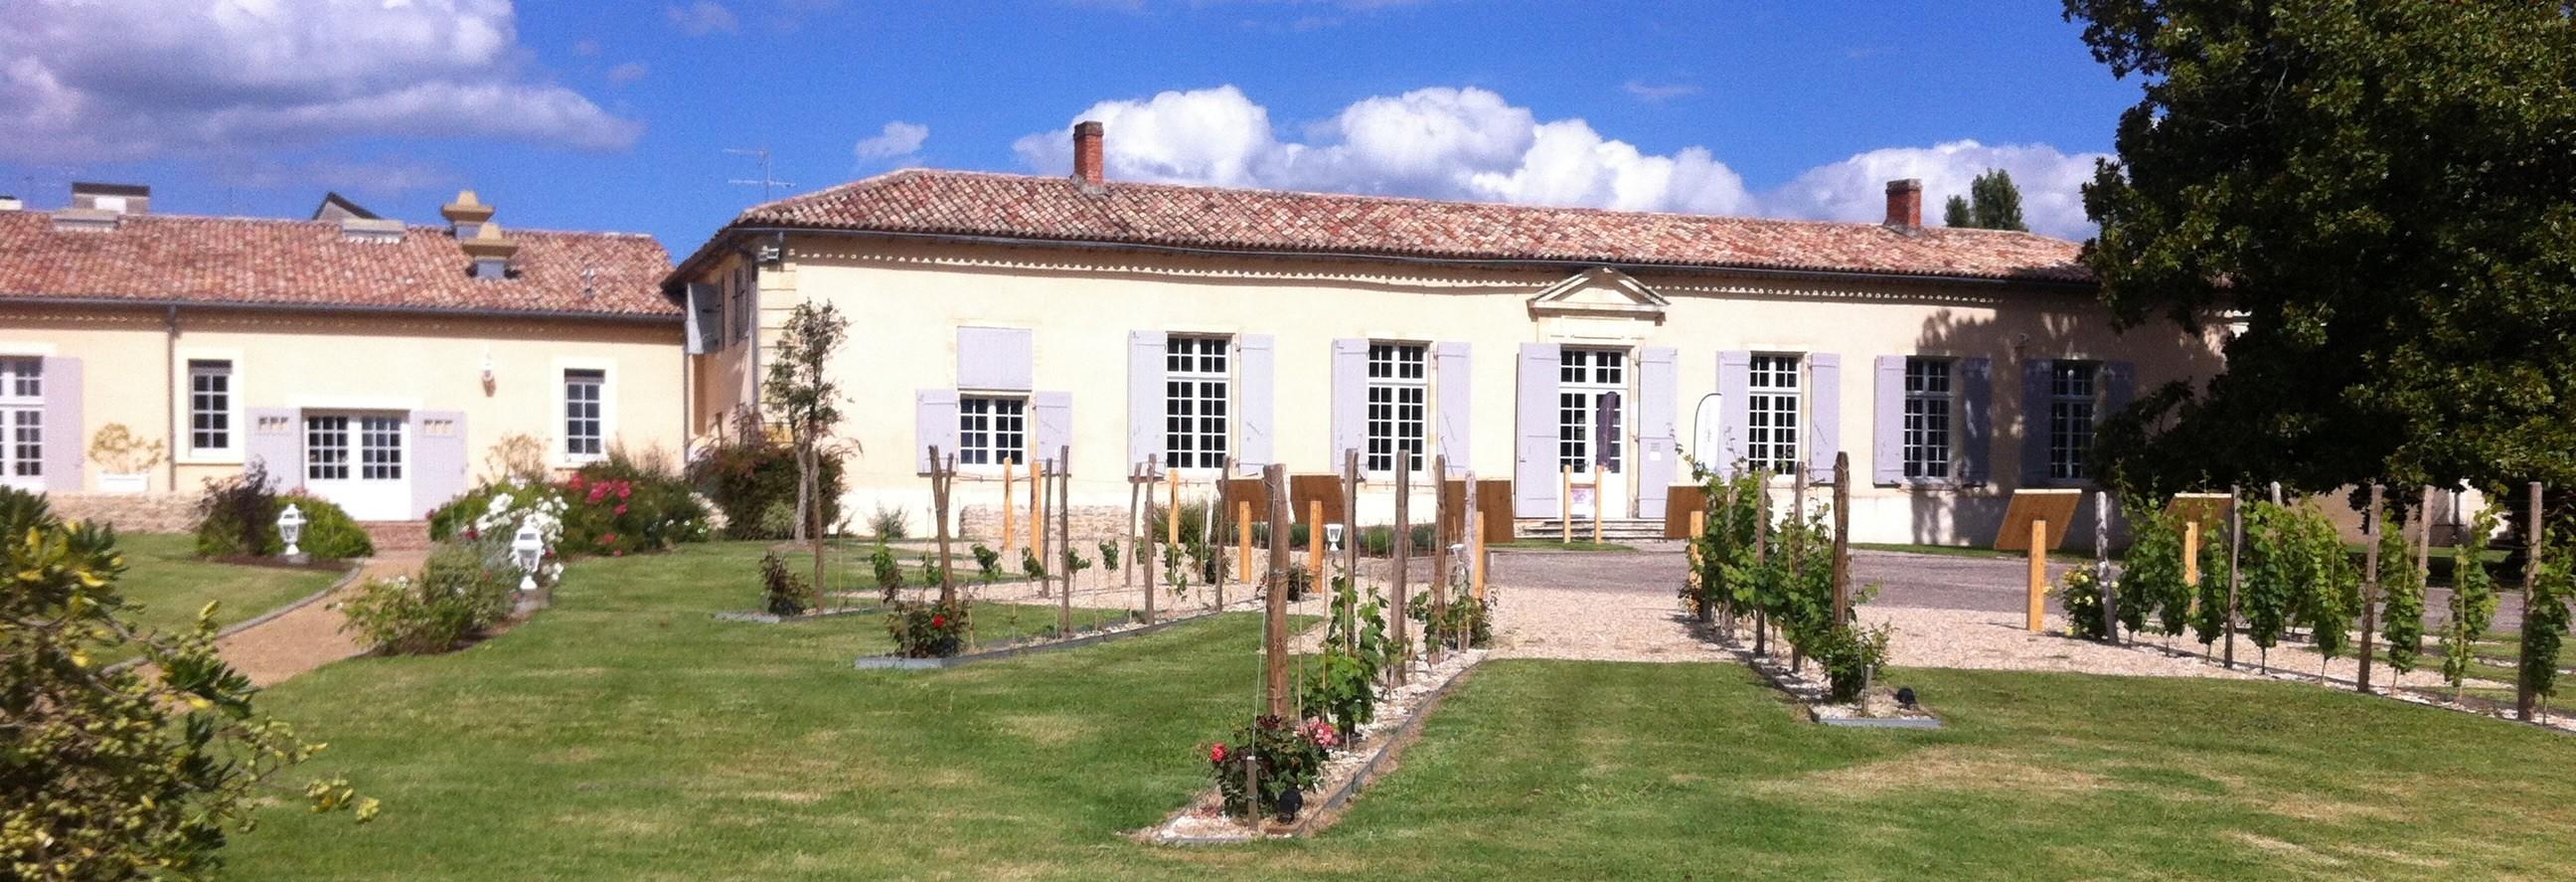 JPO Cadillac Côtes de Bordeaux